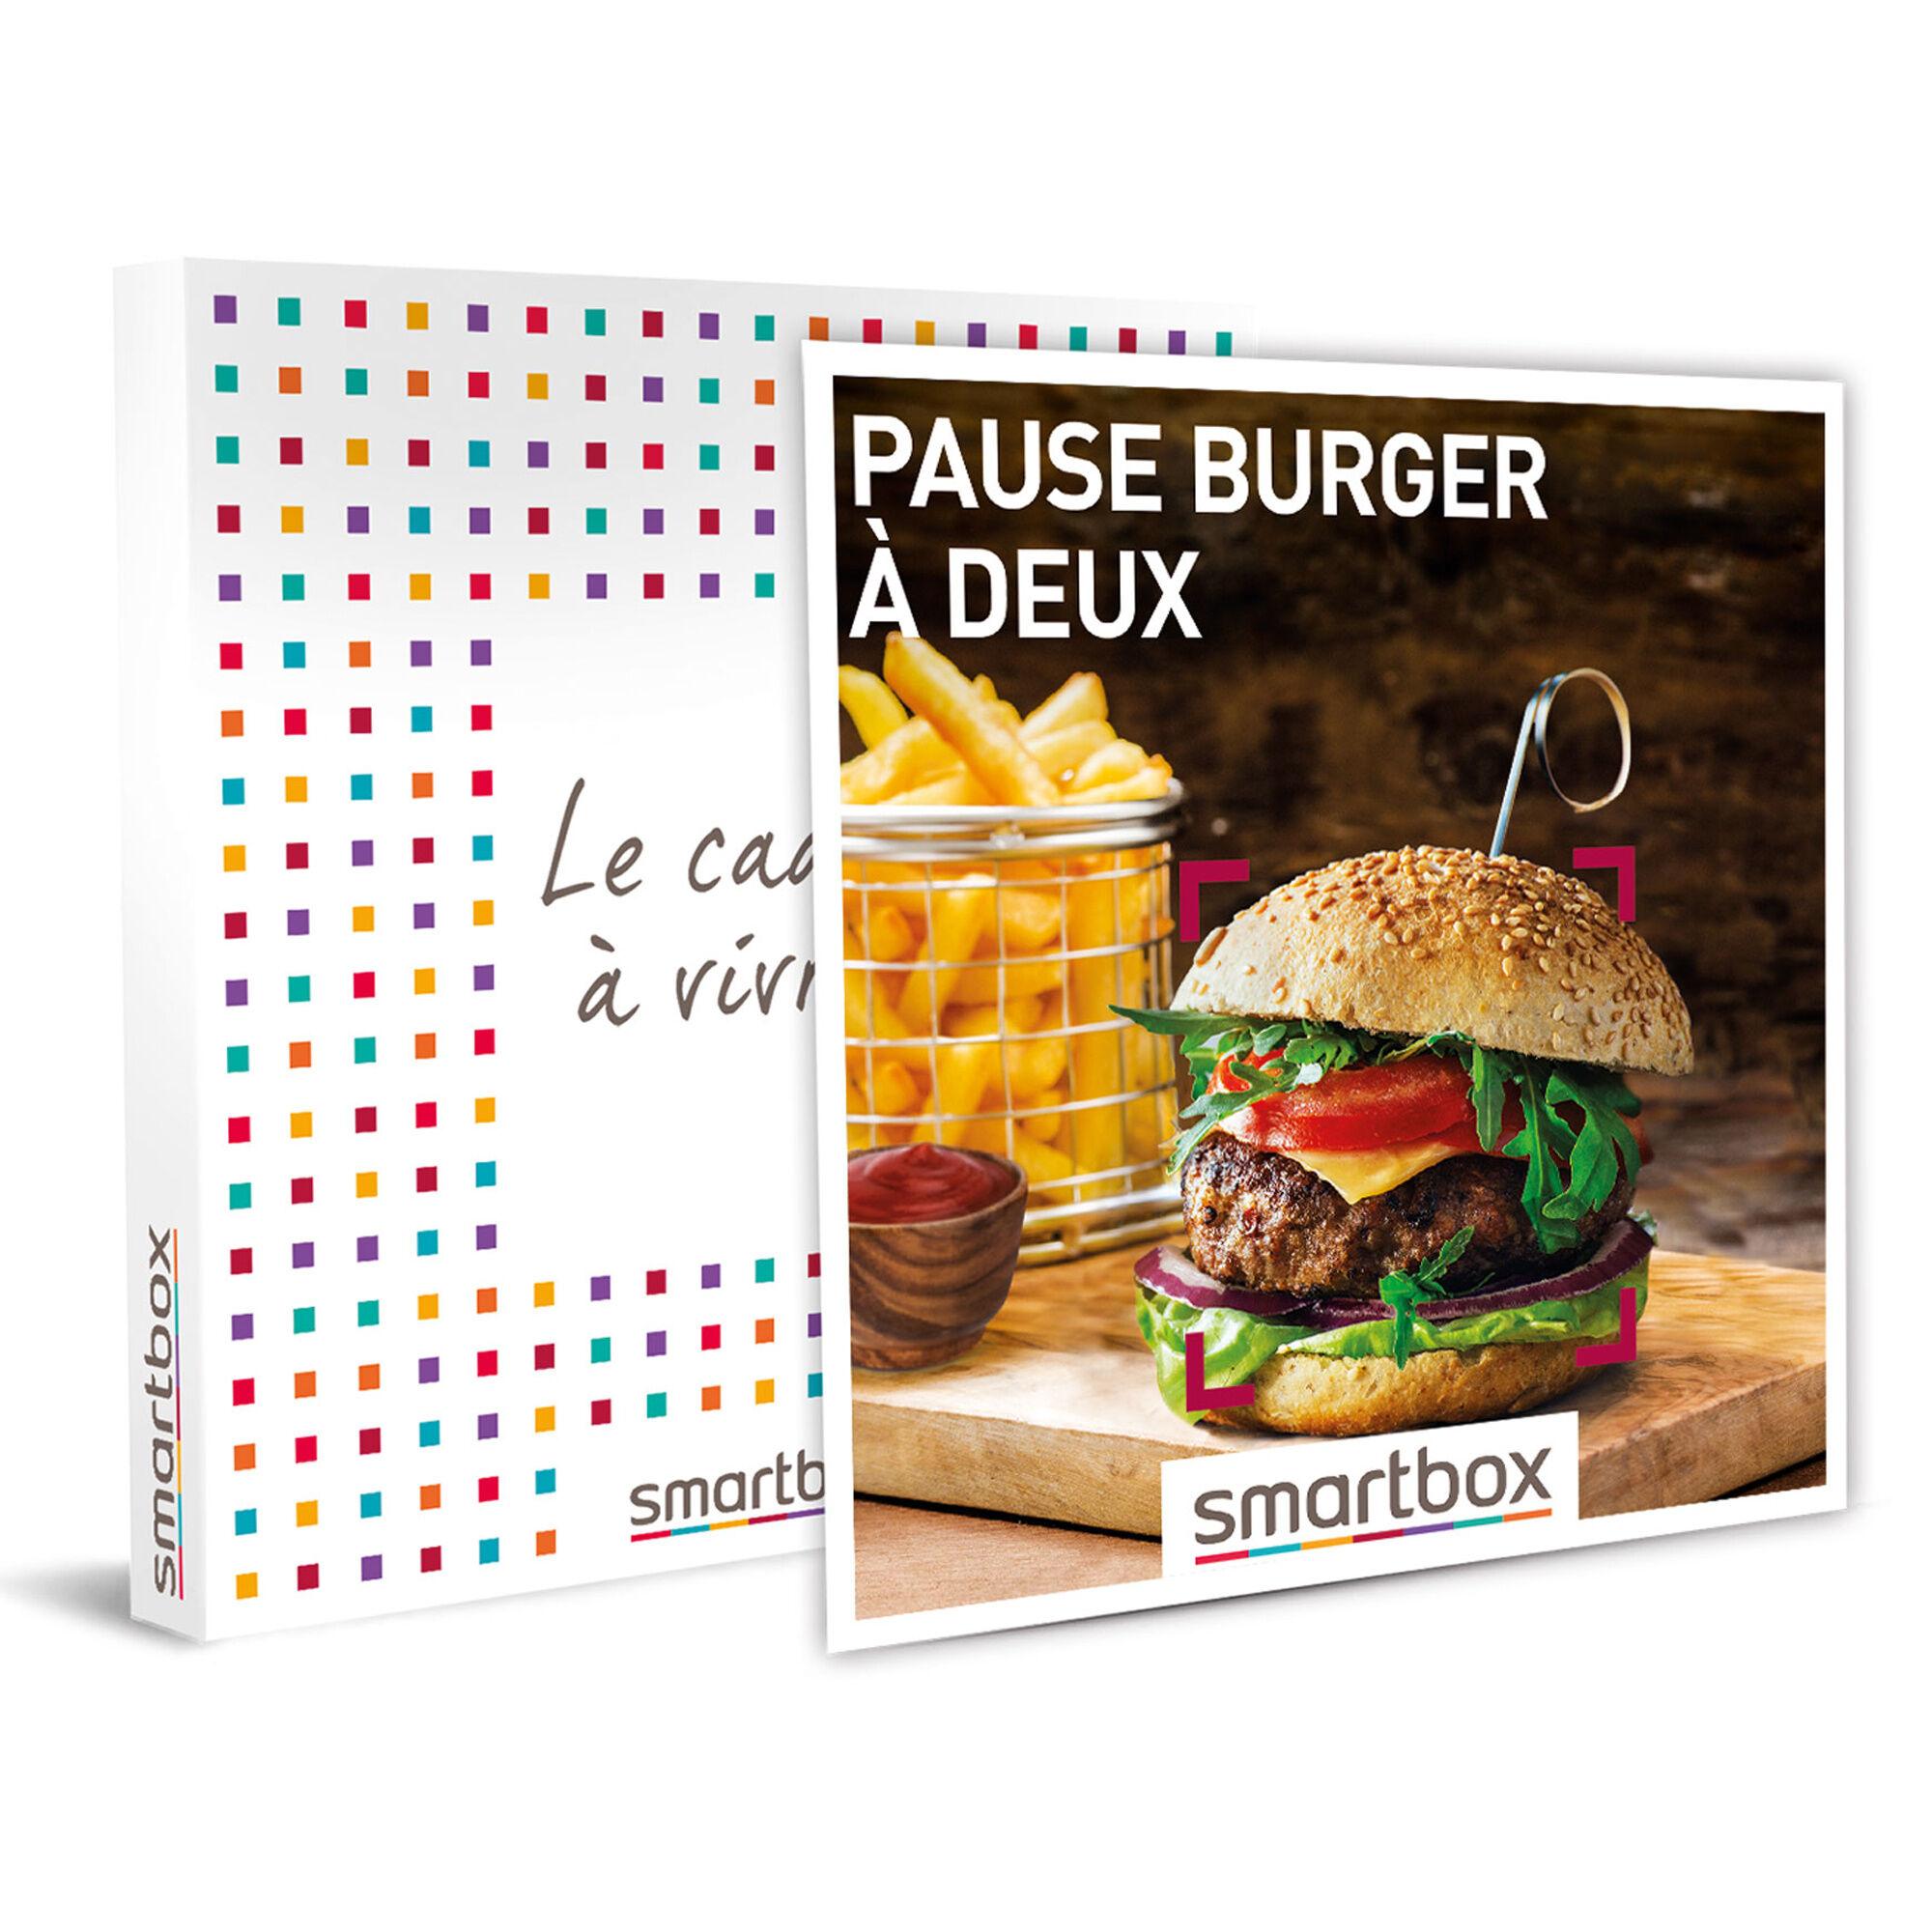 Smartbox Pause burger à deux Coffret cadeau Smartbox